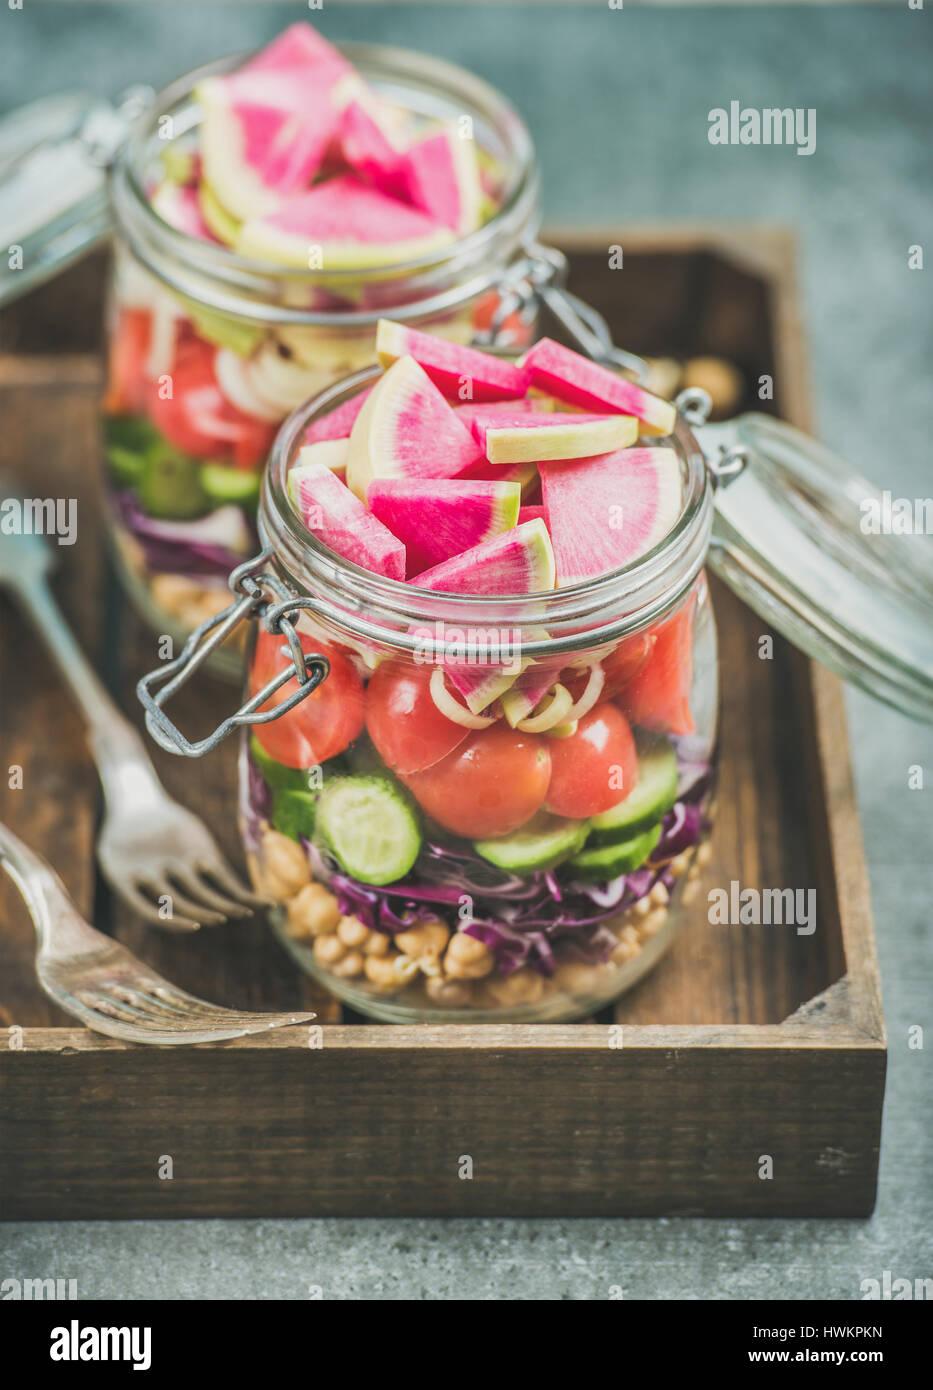 Close-up di sano take-away vasetti. Vegetali e germoglio di ceci vegan insalata in vasi di vetro nel vassoio di Immagini Stock